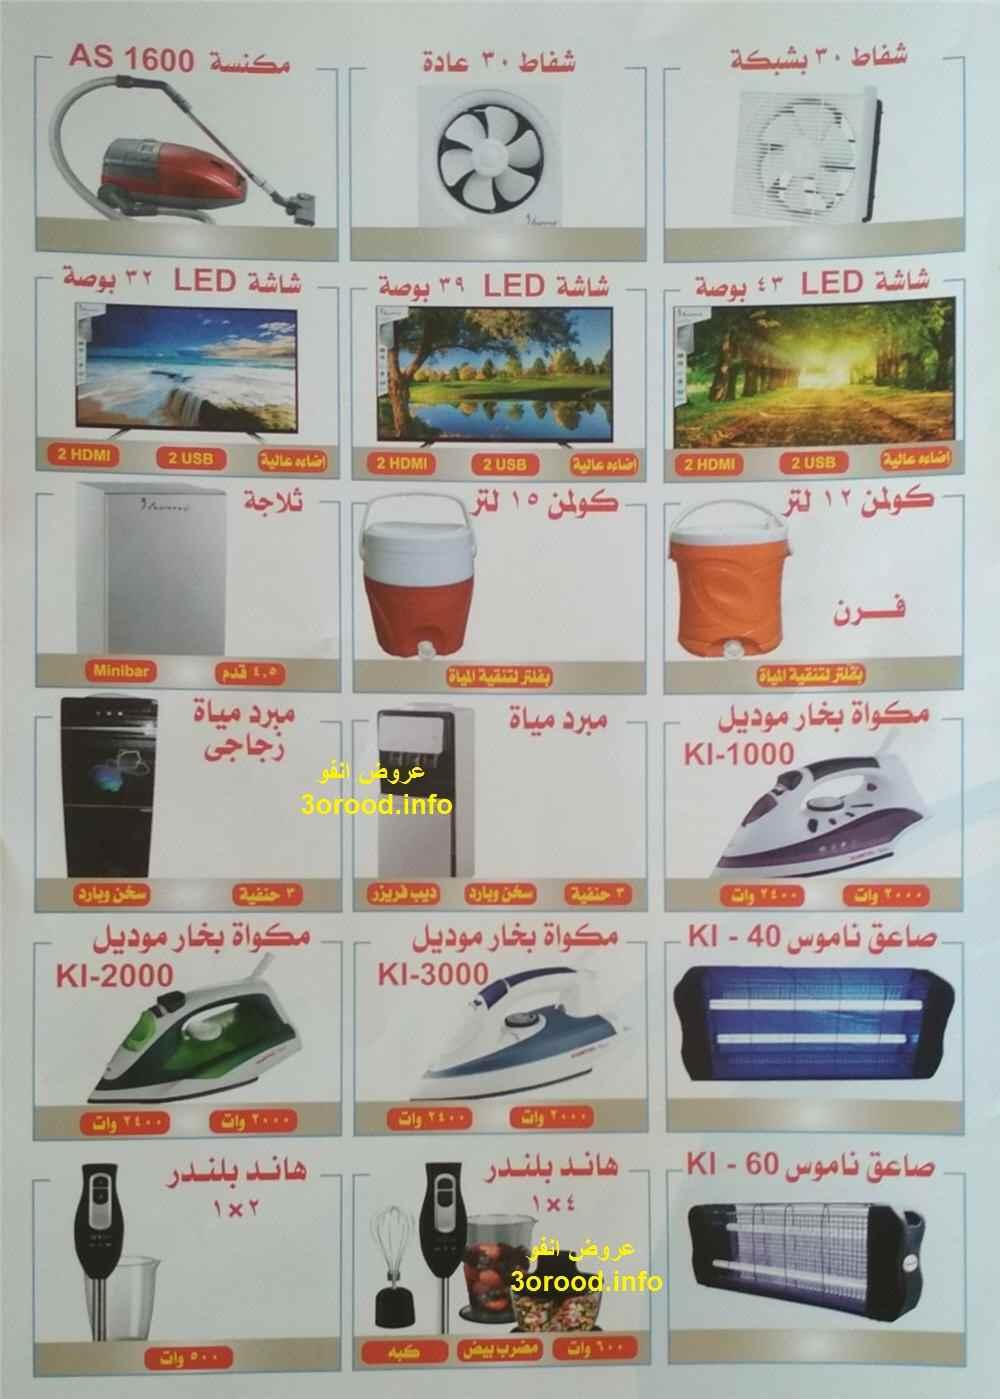 معرض القاهرة الدولى للاجهزة الكهربائية 2018  بارض المعارض